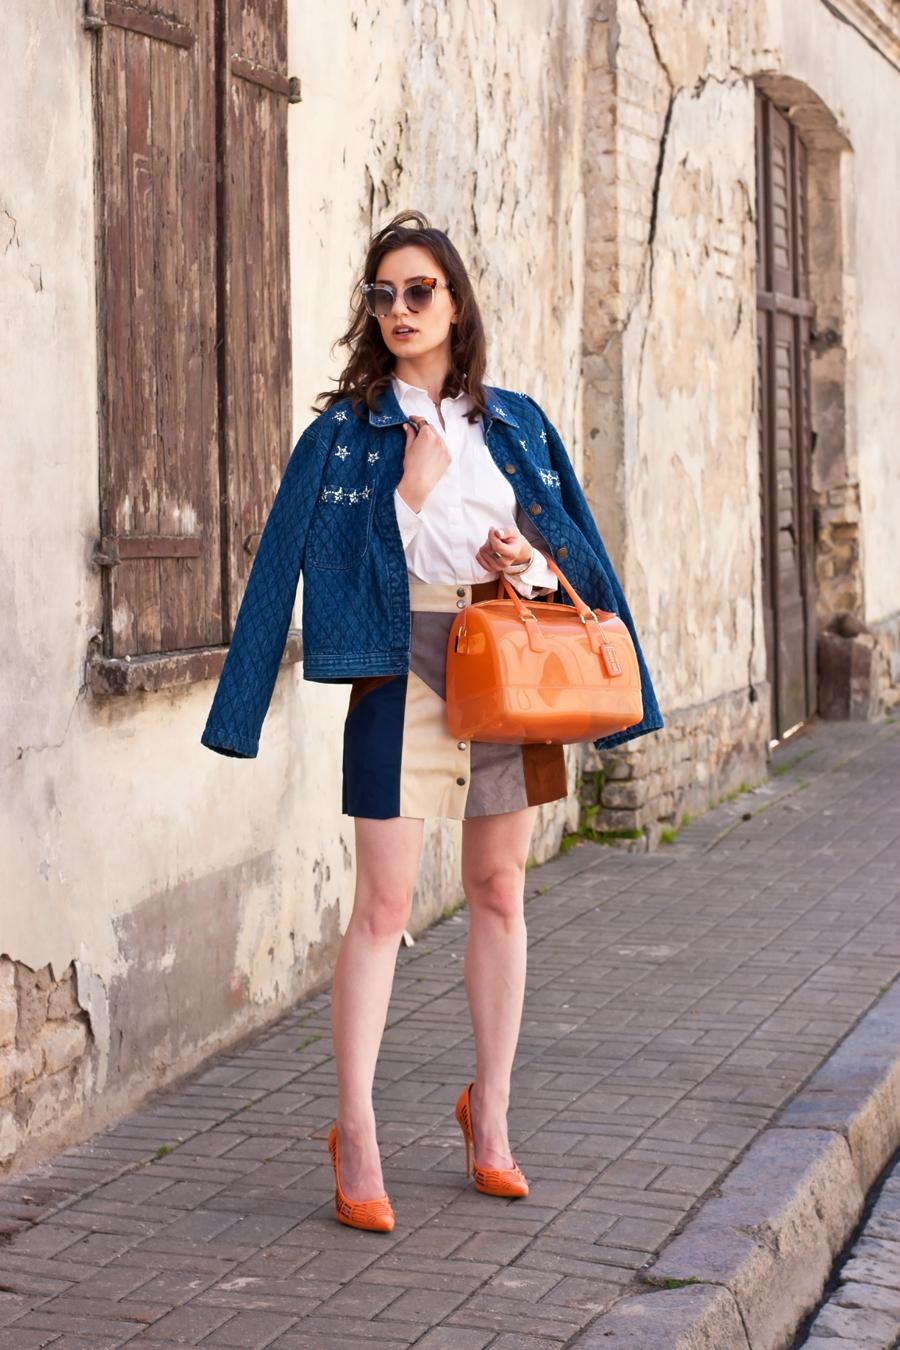 оранжевые туфли с чем носить фото возрасте восемнадцати